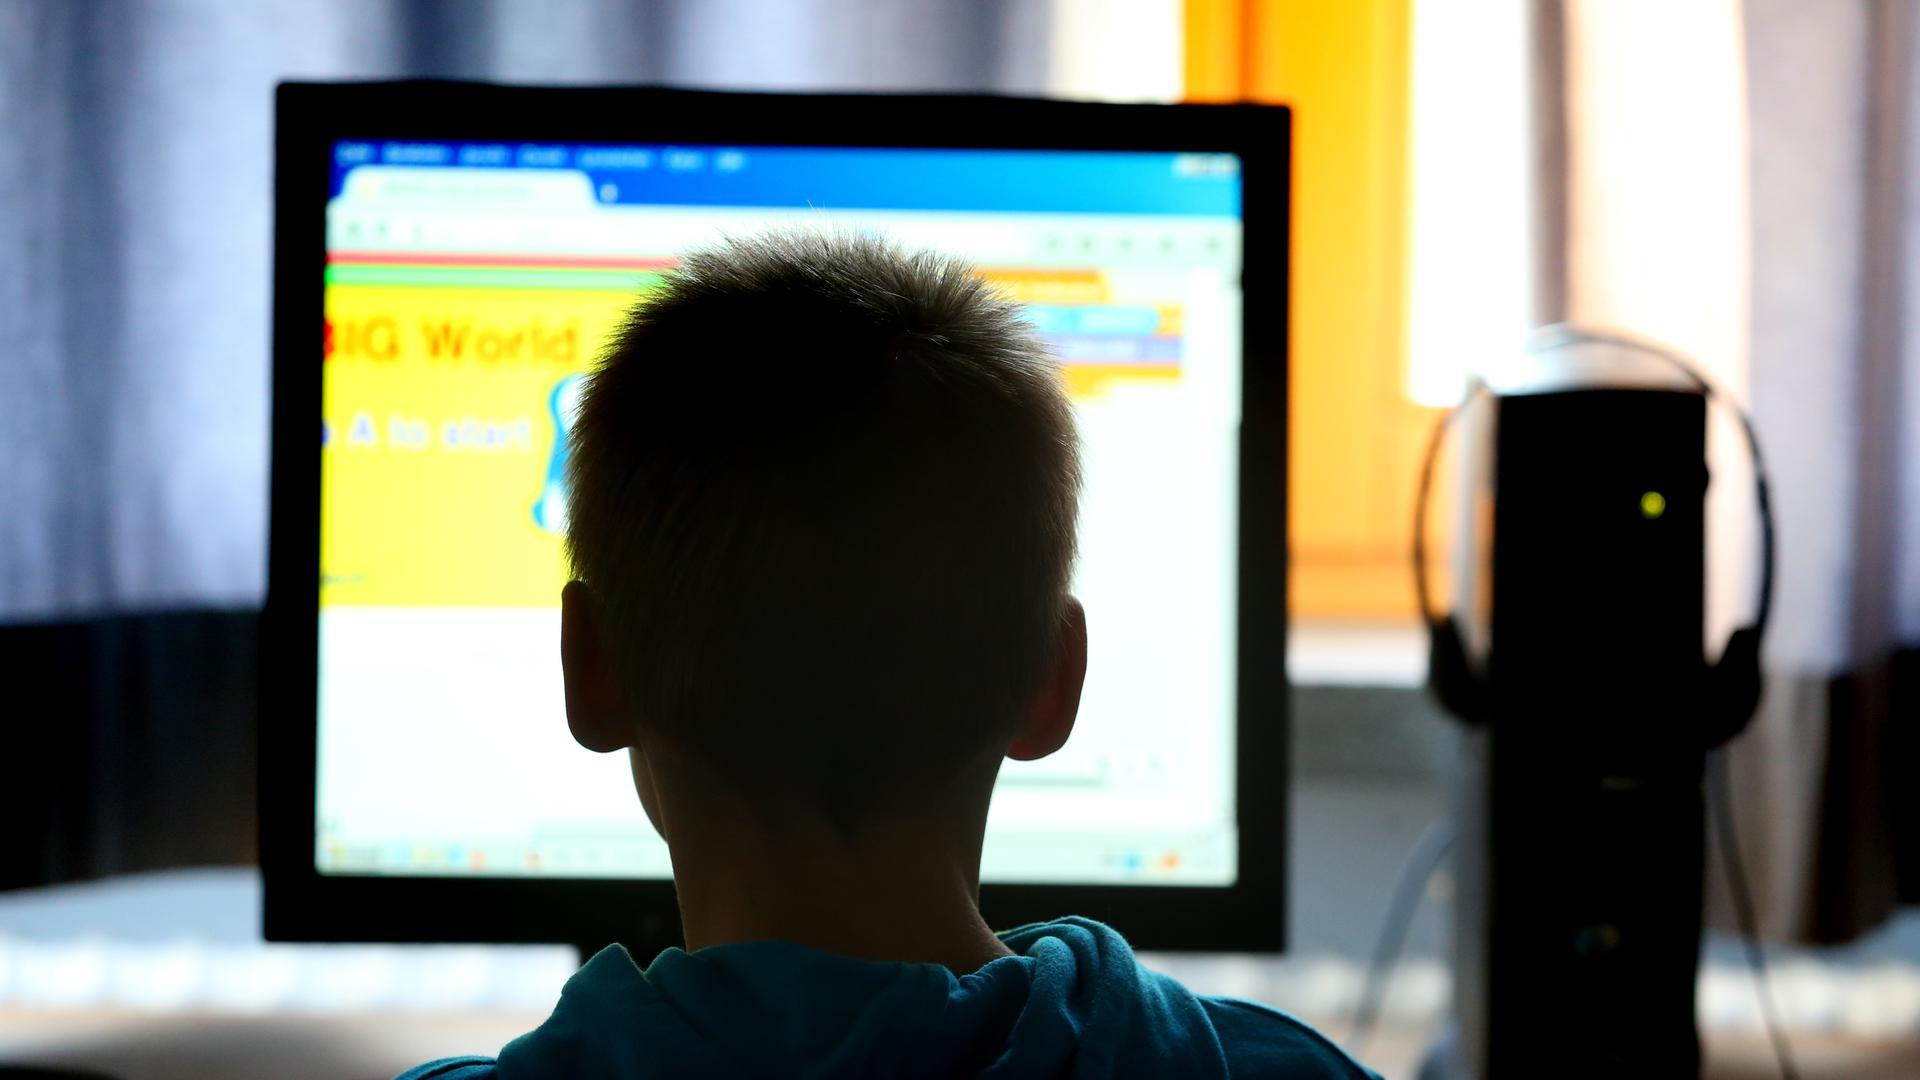 Wohl dem, der einen Computer hat: Doch Schülern in Hartz-IV-Familien fehlt mehr als nur die digitale Infrastruktur. Es fehlt an Ruhe, Platz und Unterstützung. Das Kultusministerium hat jetzt eine Idee zur individuellen Förderung an der Schule. Foto: dpa